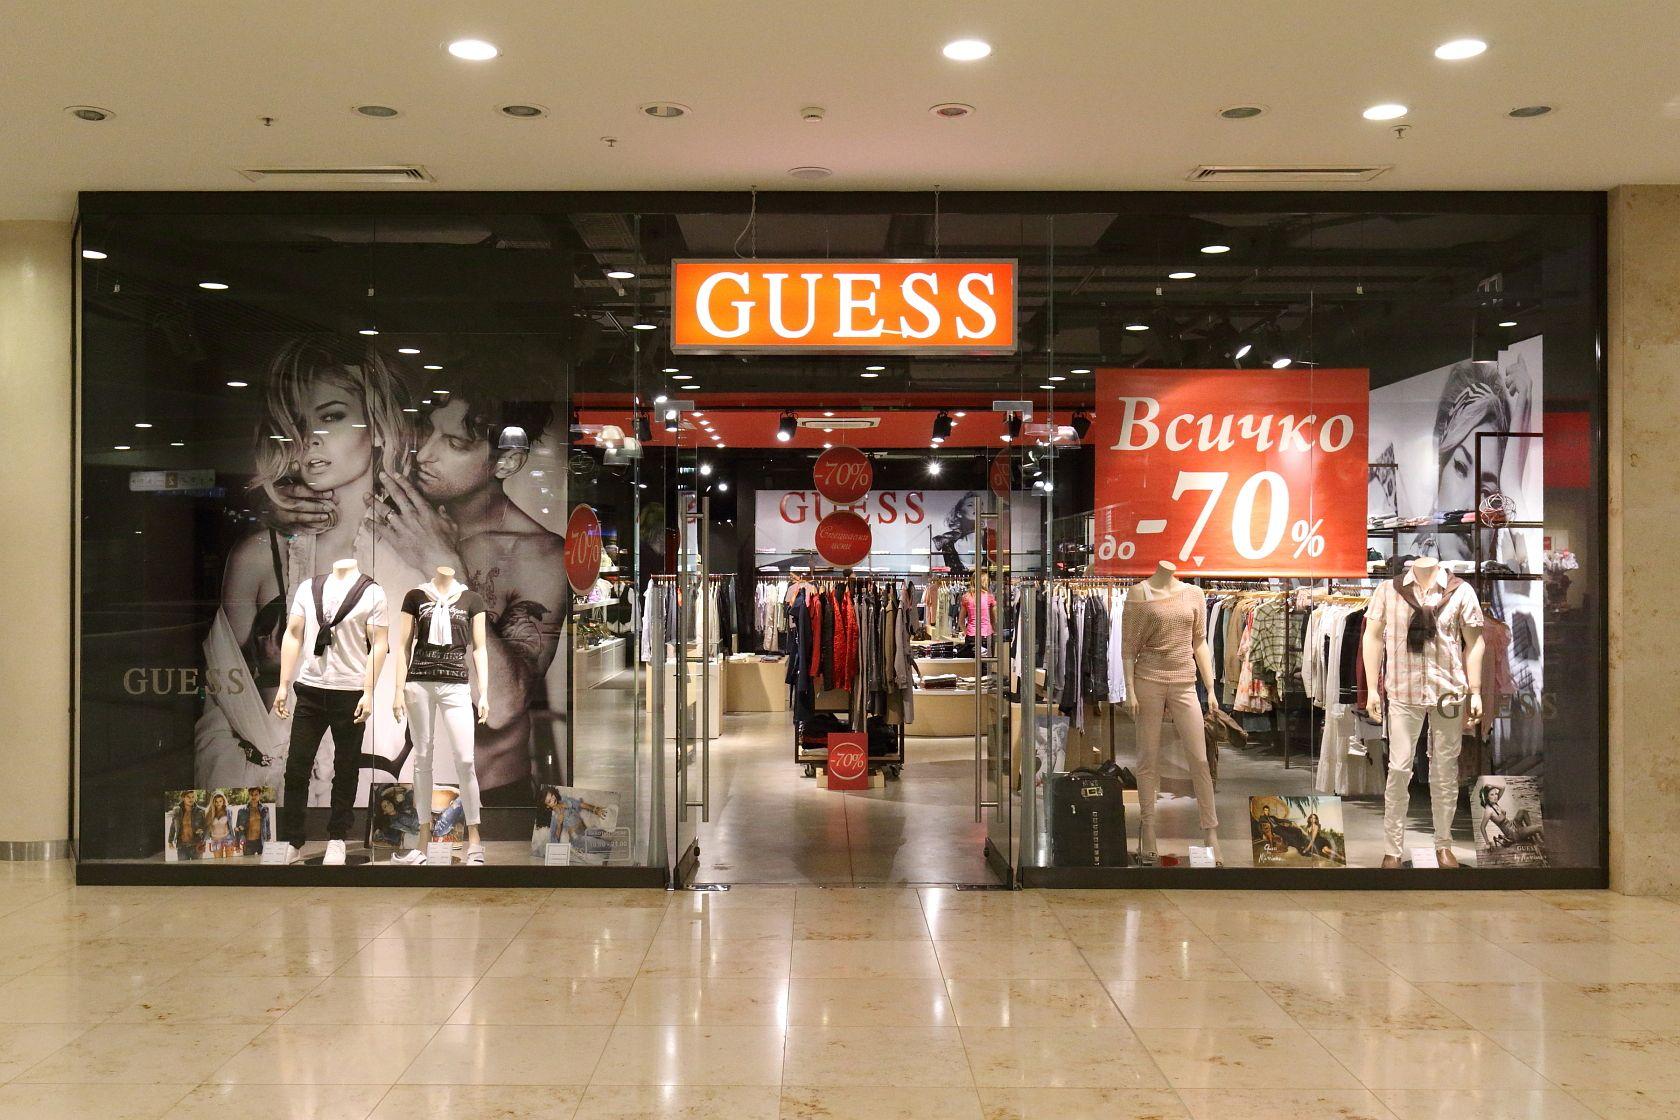 Willkommen in unserem Outlet! Hier findest du Bekleidung von bekannten Marken zu besonders günstigen Preisen – von verführerischen Dessous über Must-haves wie Jeans bis hin zu robuster Sport- und Outdoor-Mode.